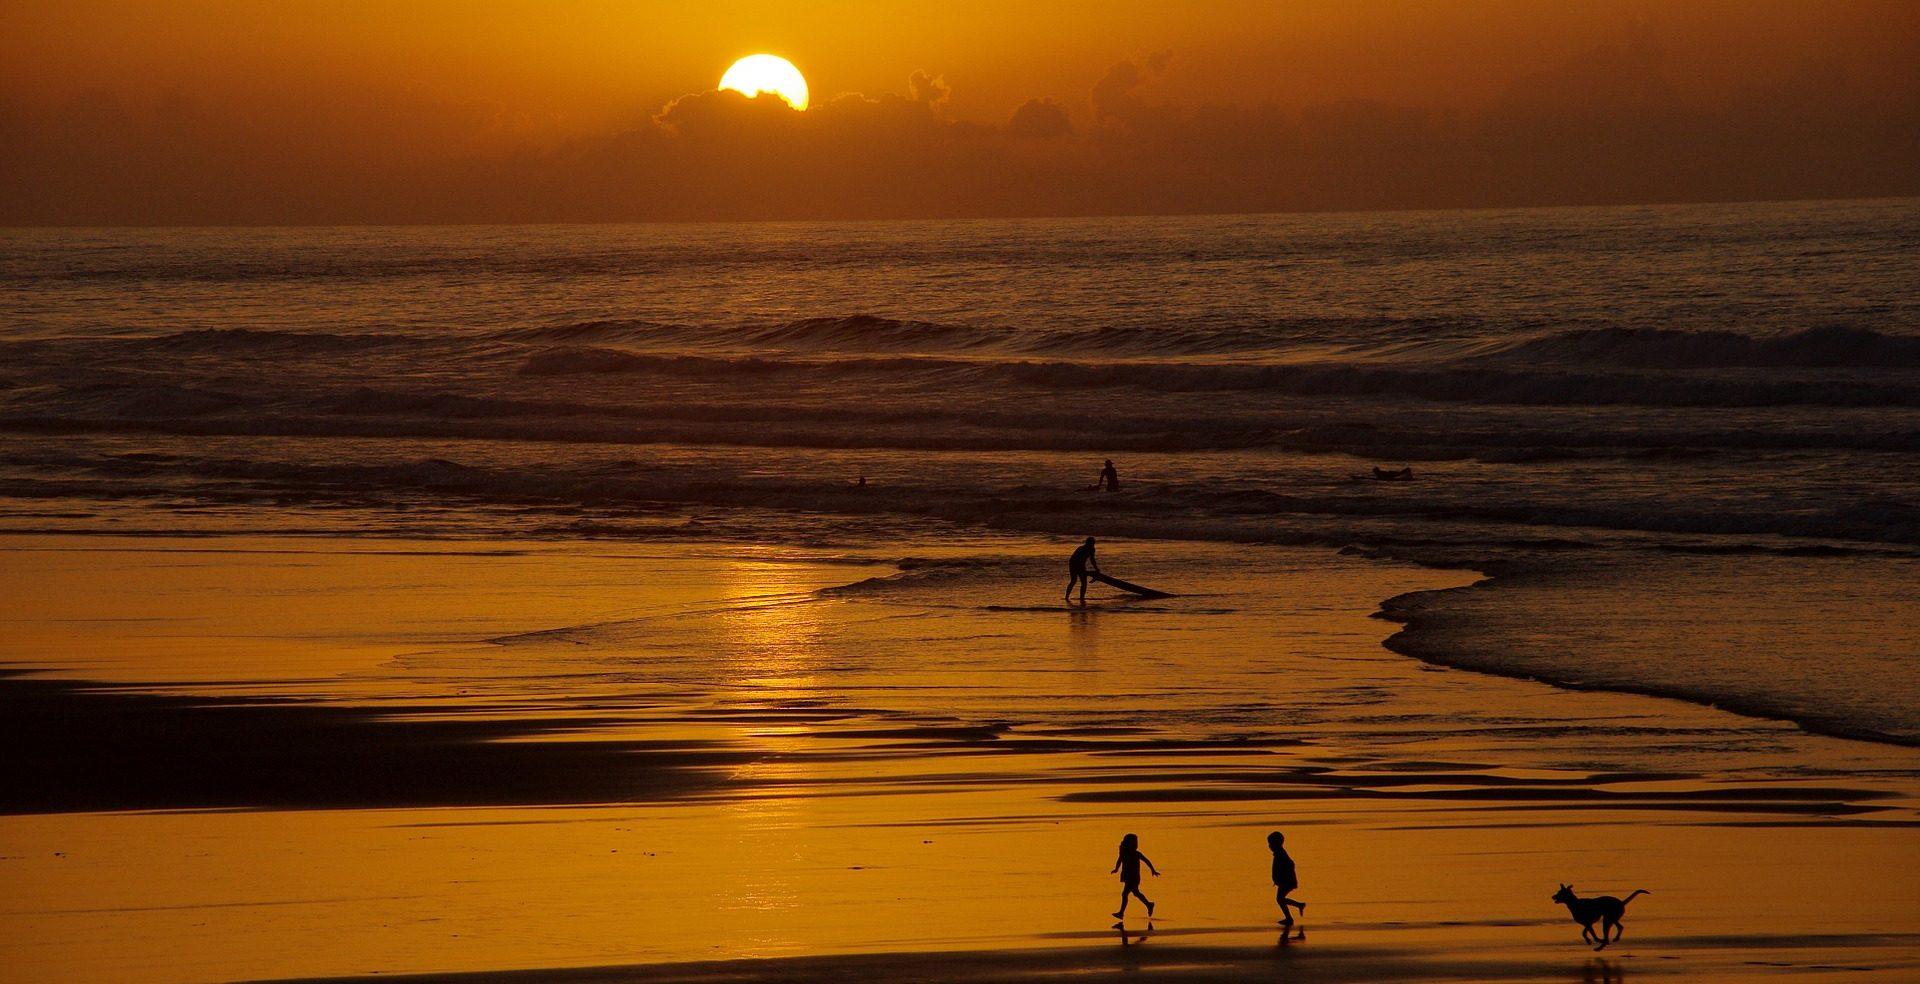 Marocco mare febbraio